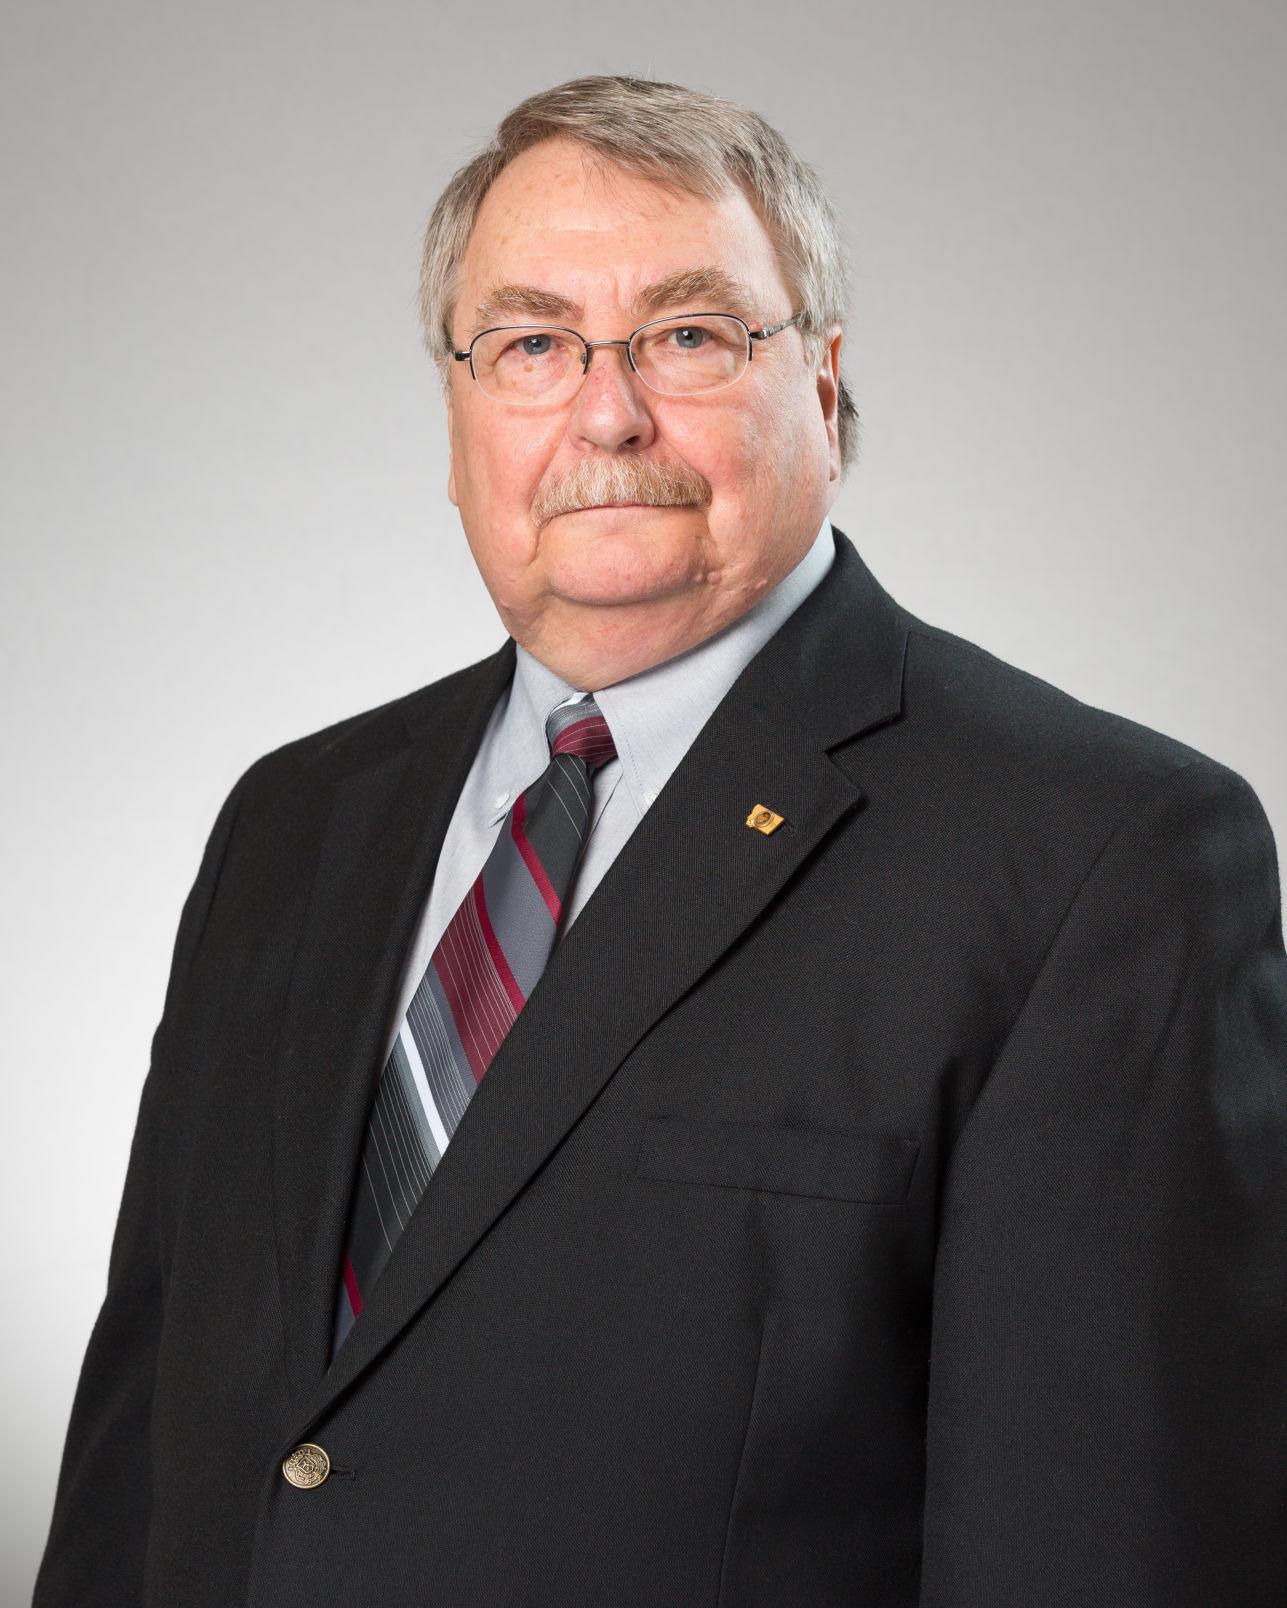 Tom_Richmond, state senator